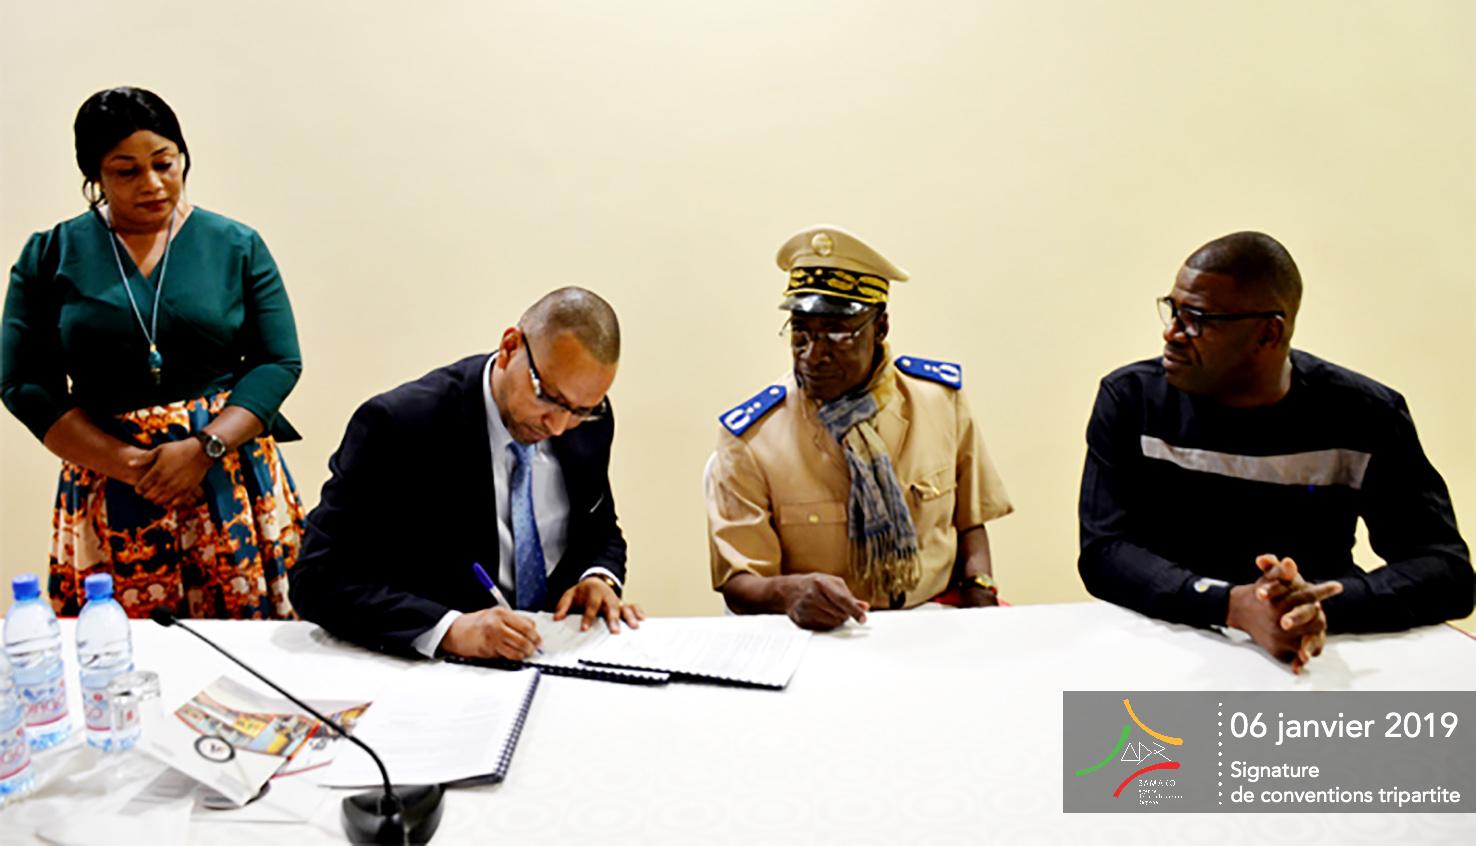 Signature des conventions tripartites entre l'AGEROUTE, les ADR et les conseils régionaux et le District de BamaKo